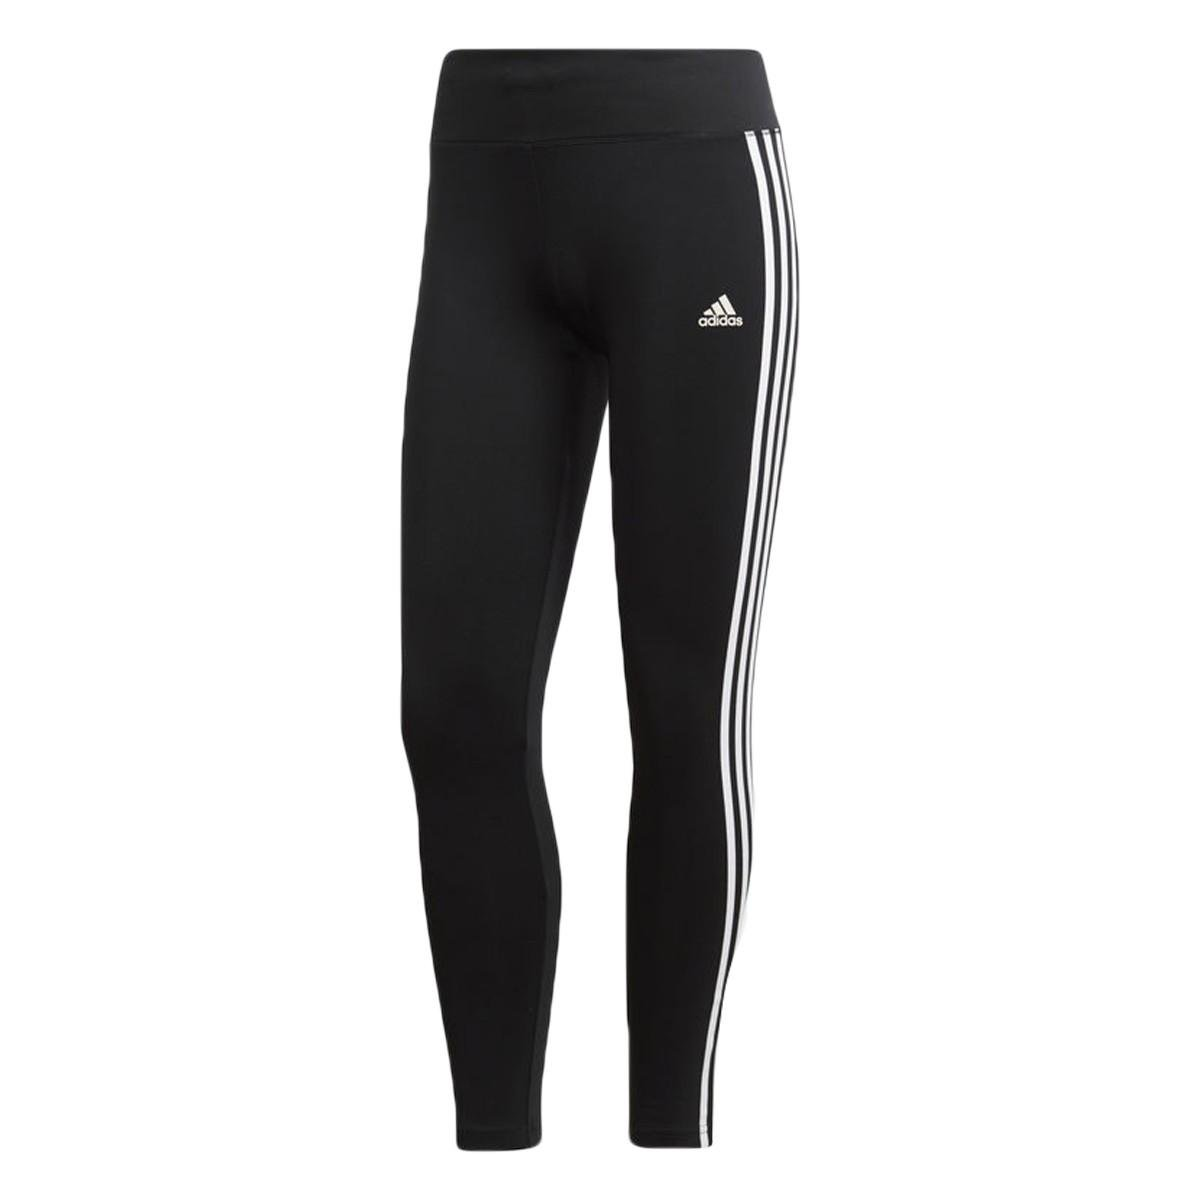 e Calça Move Preto Branco Adidas Legging Designed 2 Feminina wqrxz0qBZ